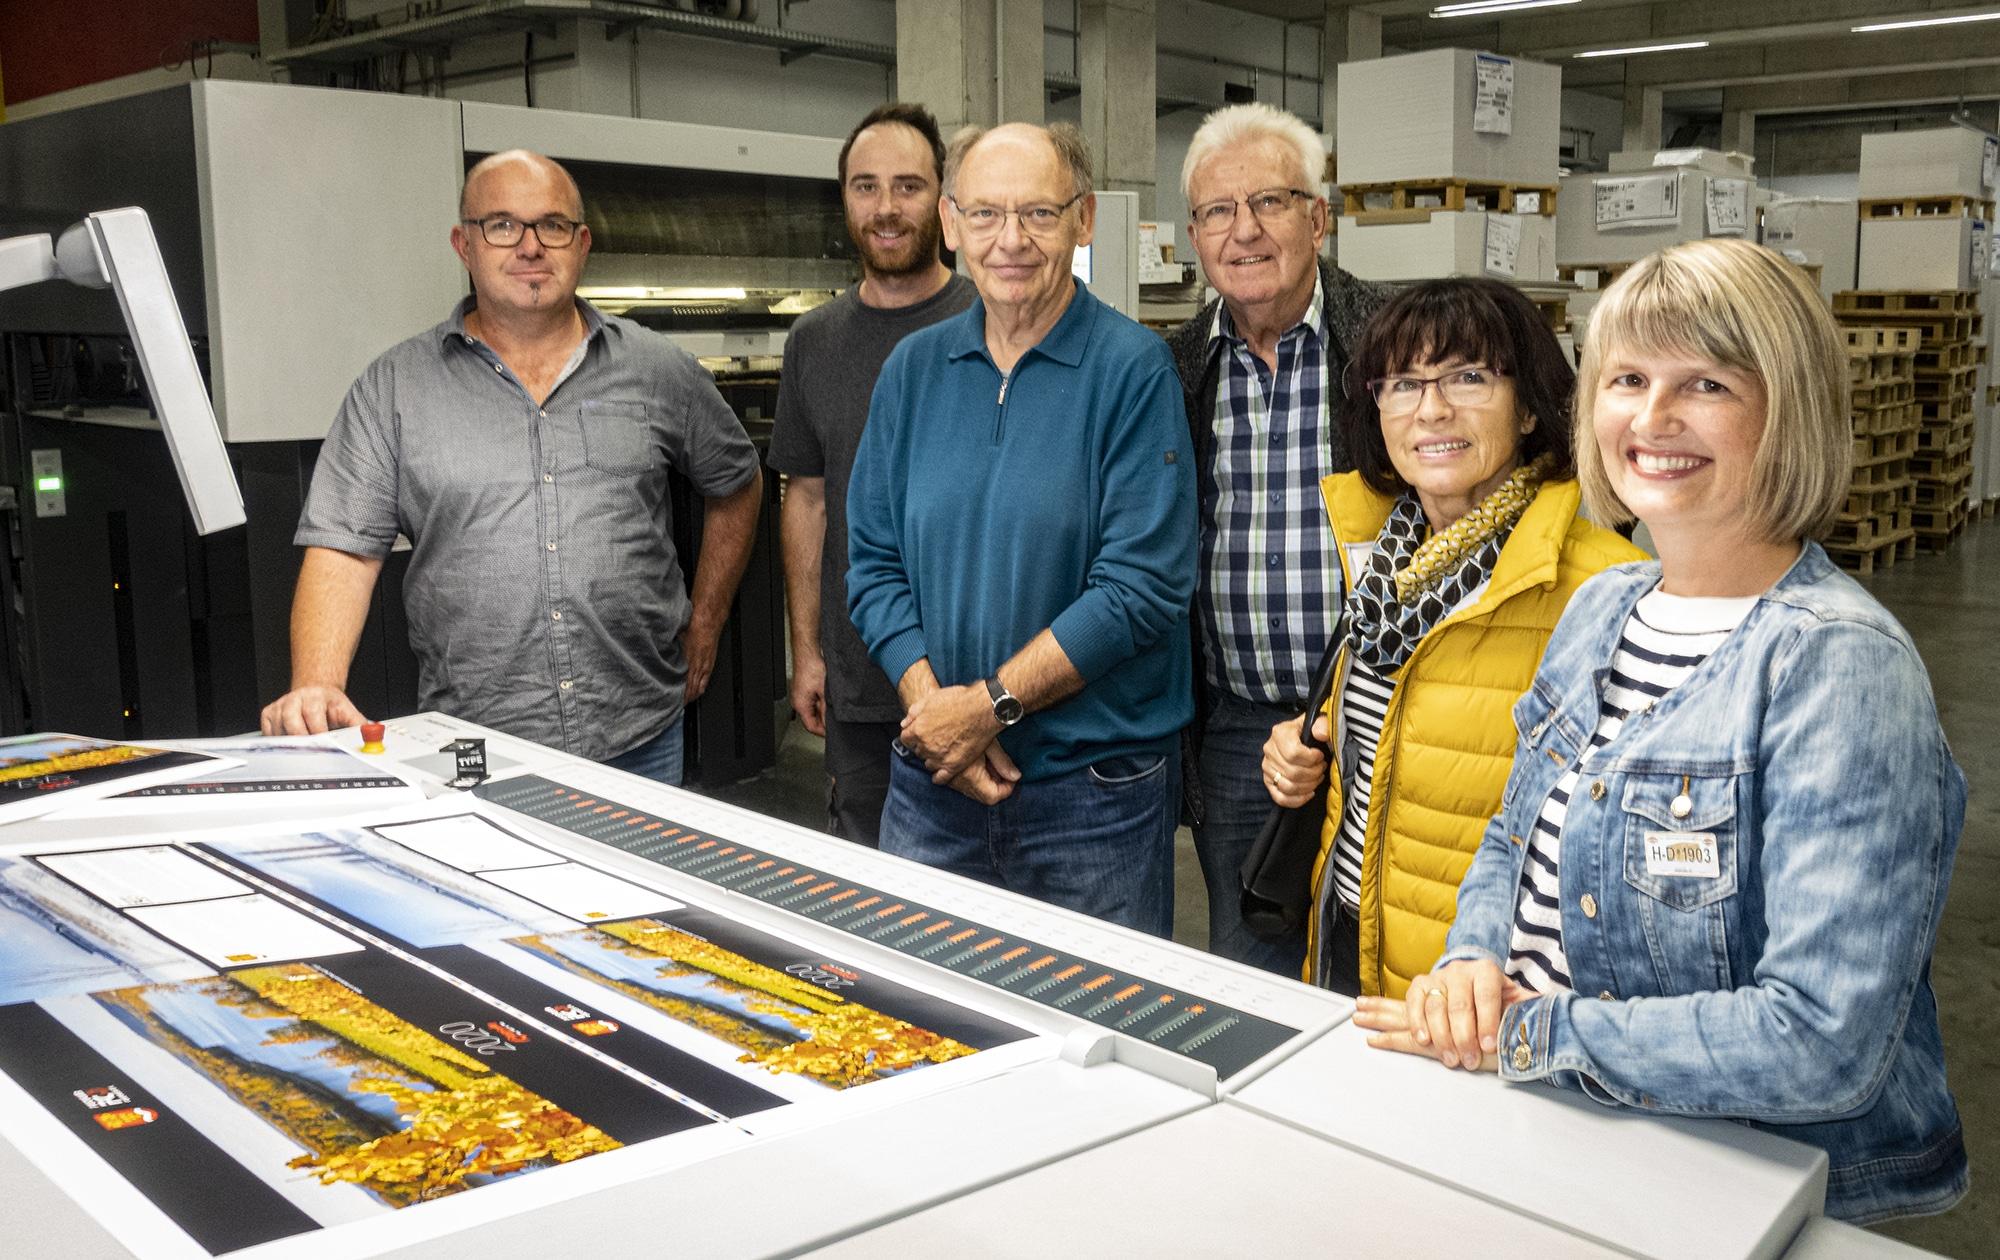 Obersulmer Fotokalender 2020 mit Fotos unserer Mitglieder angedruckt